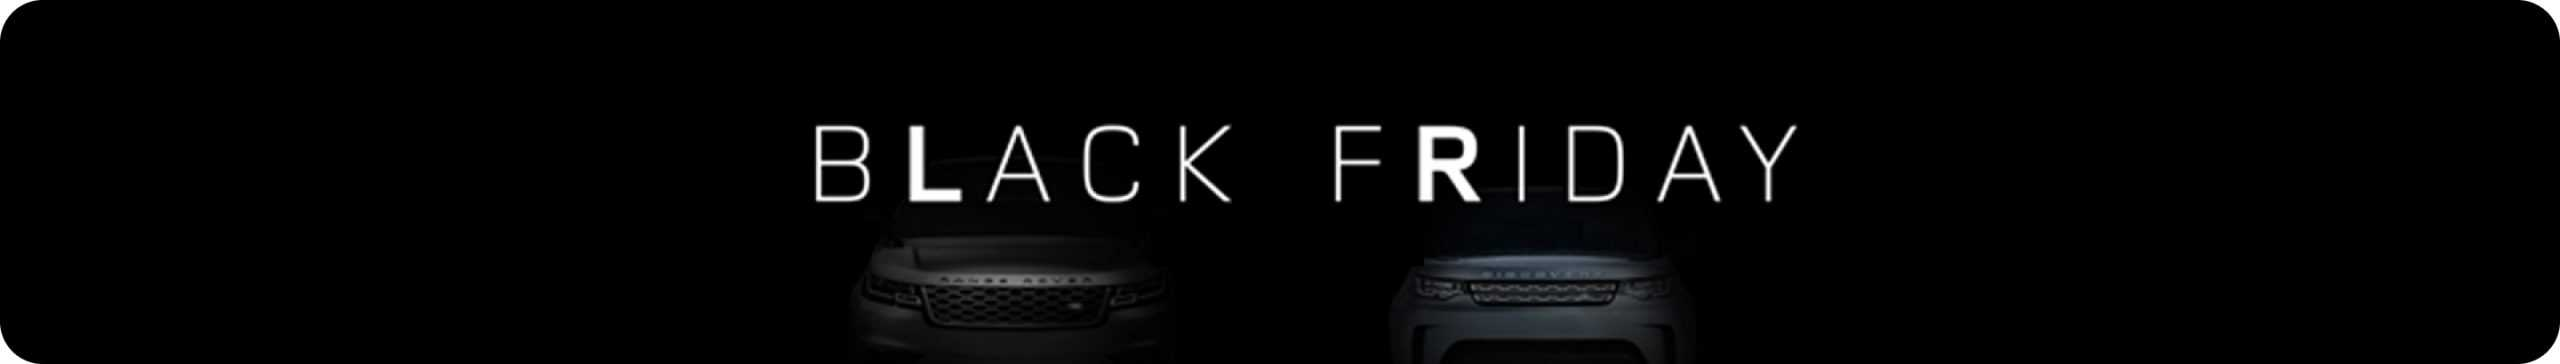 Black-friday-Desktop-banner